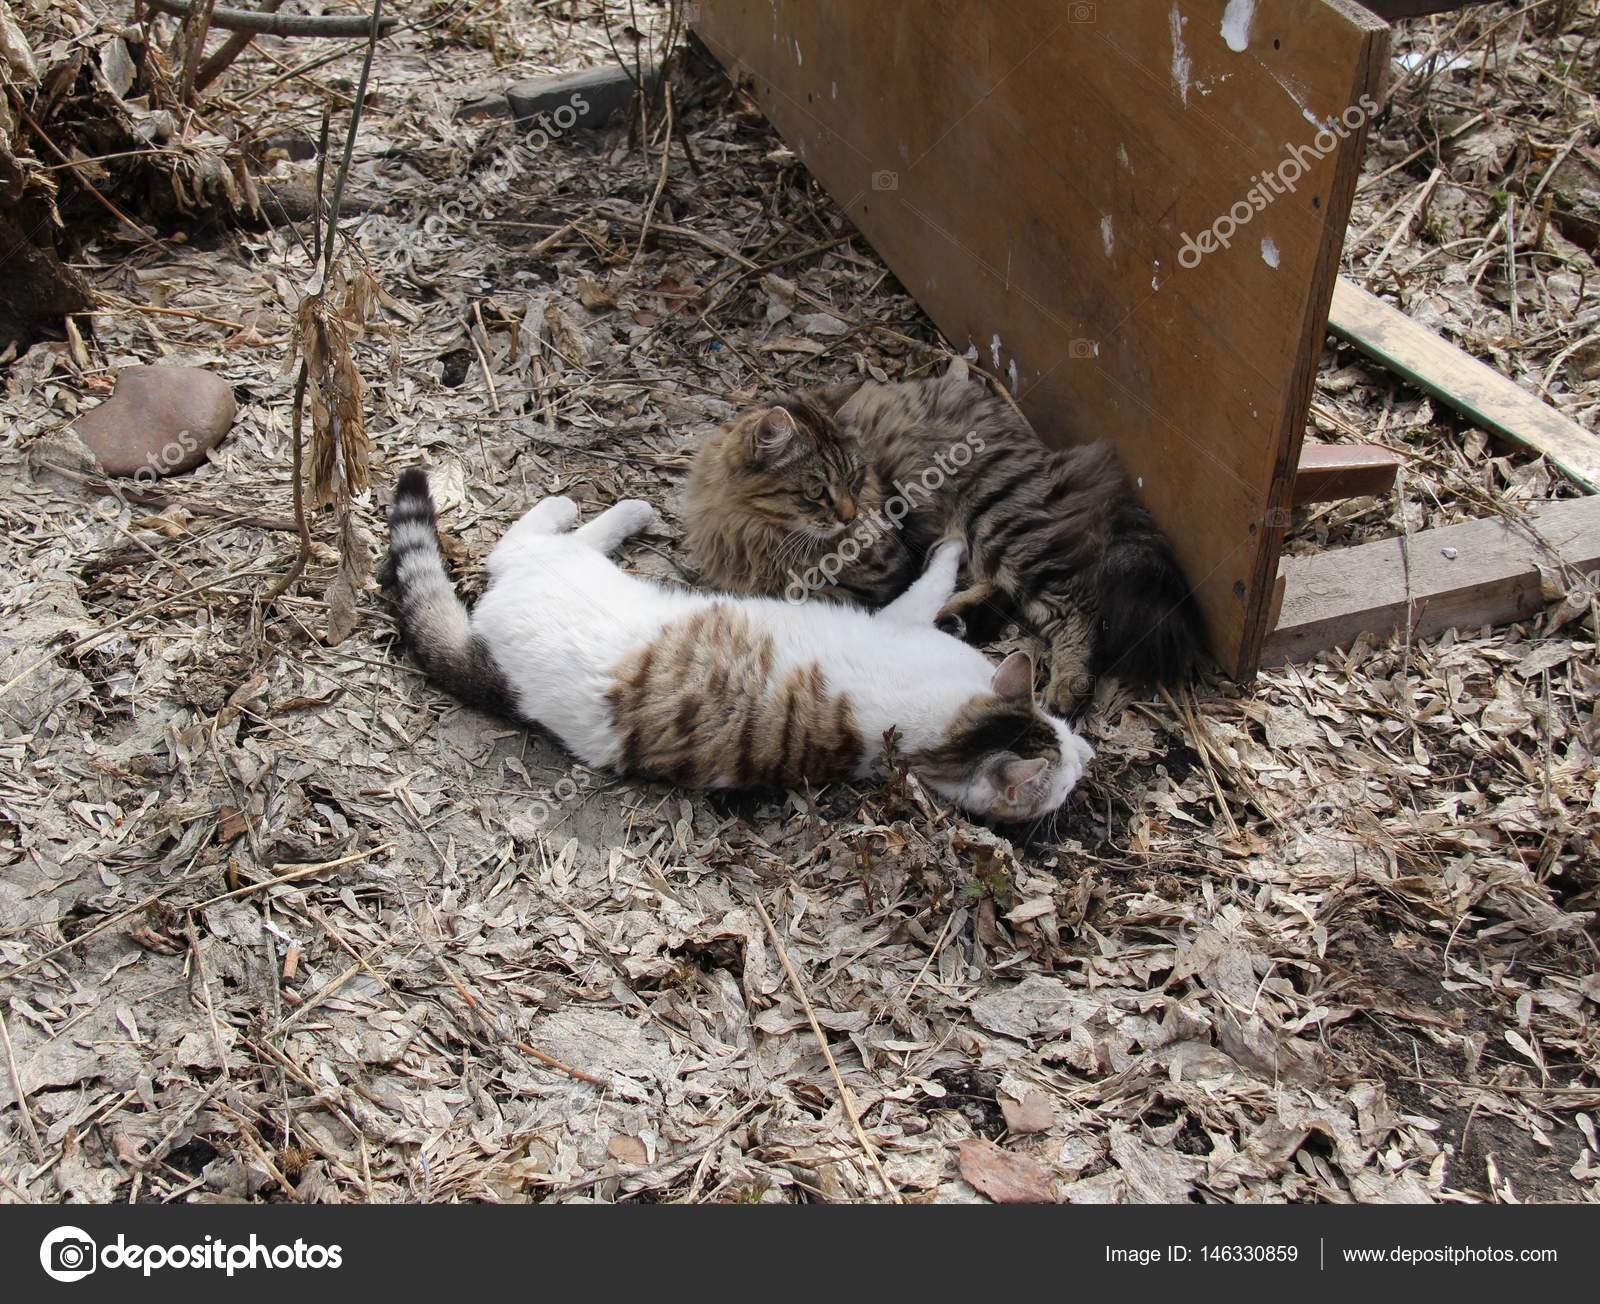 2582bdac3 Gatos mascotas juegos de primavera. Mascotas favoritas en nuestros hogares  — Foto de ...